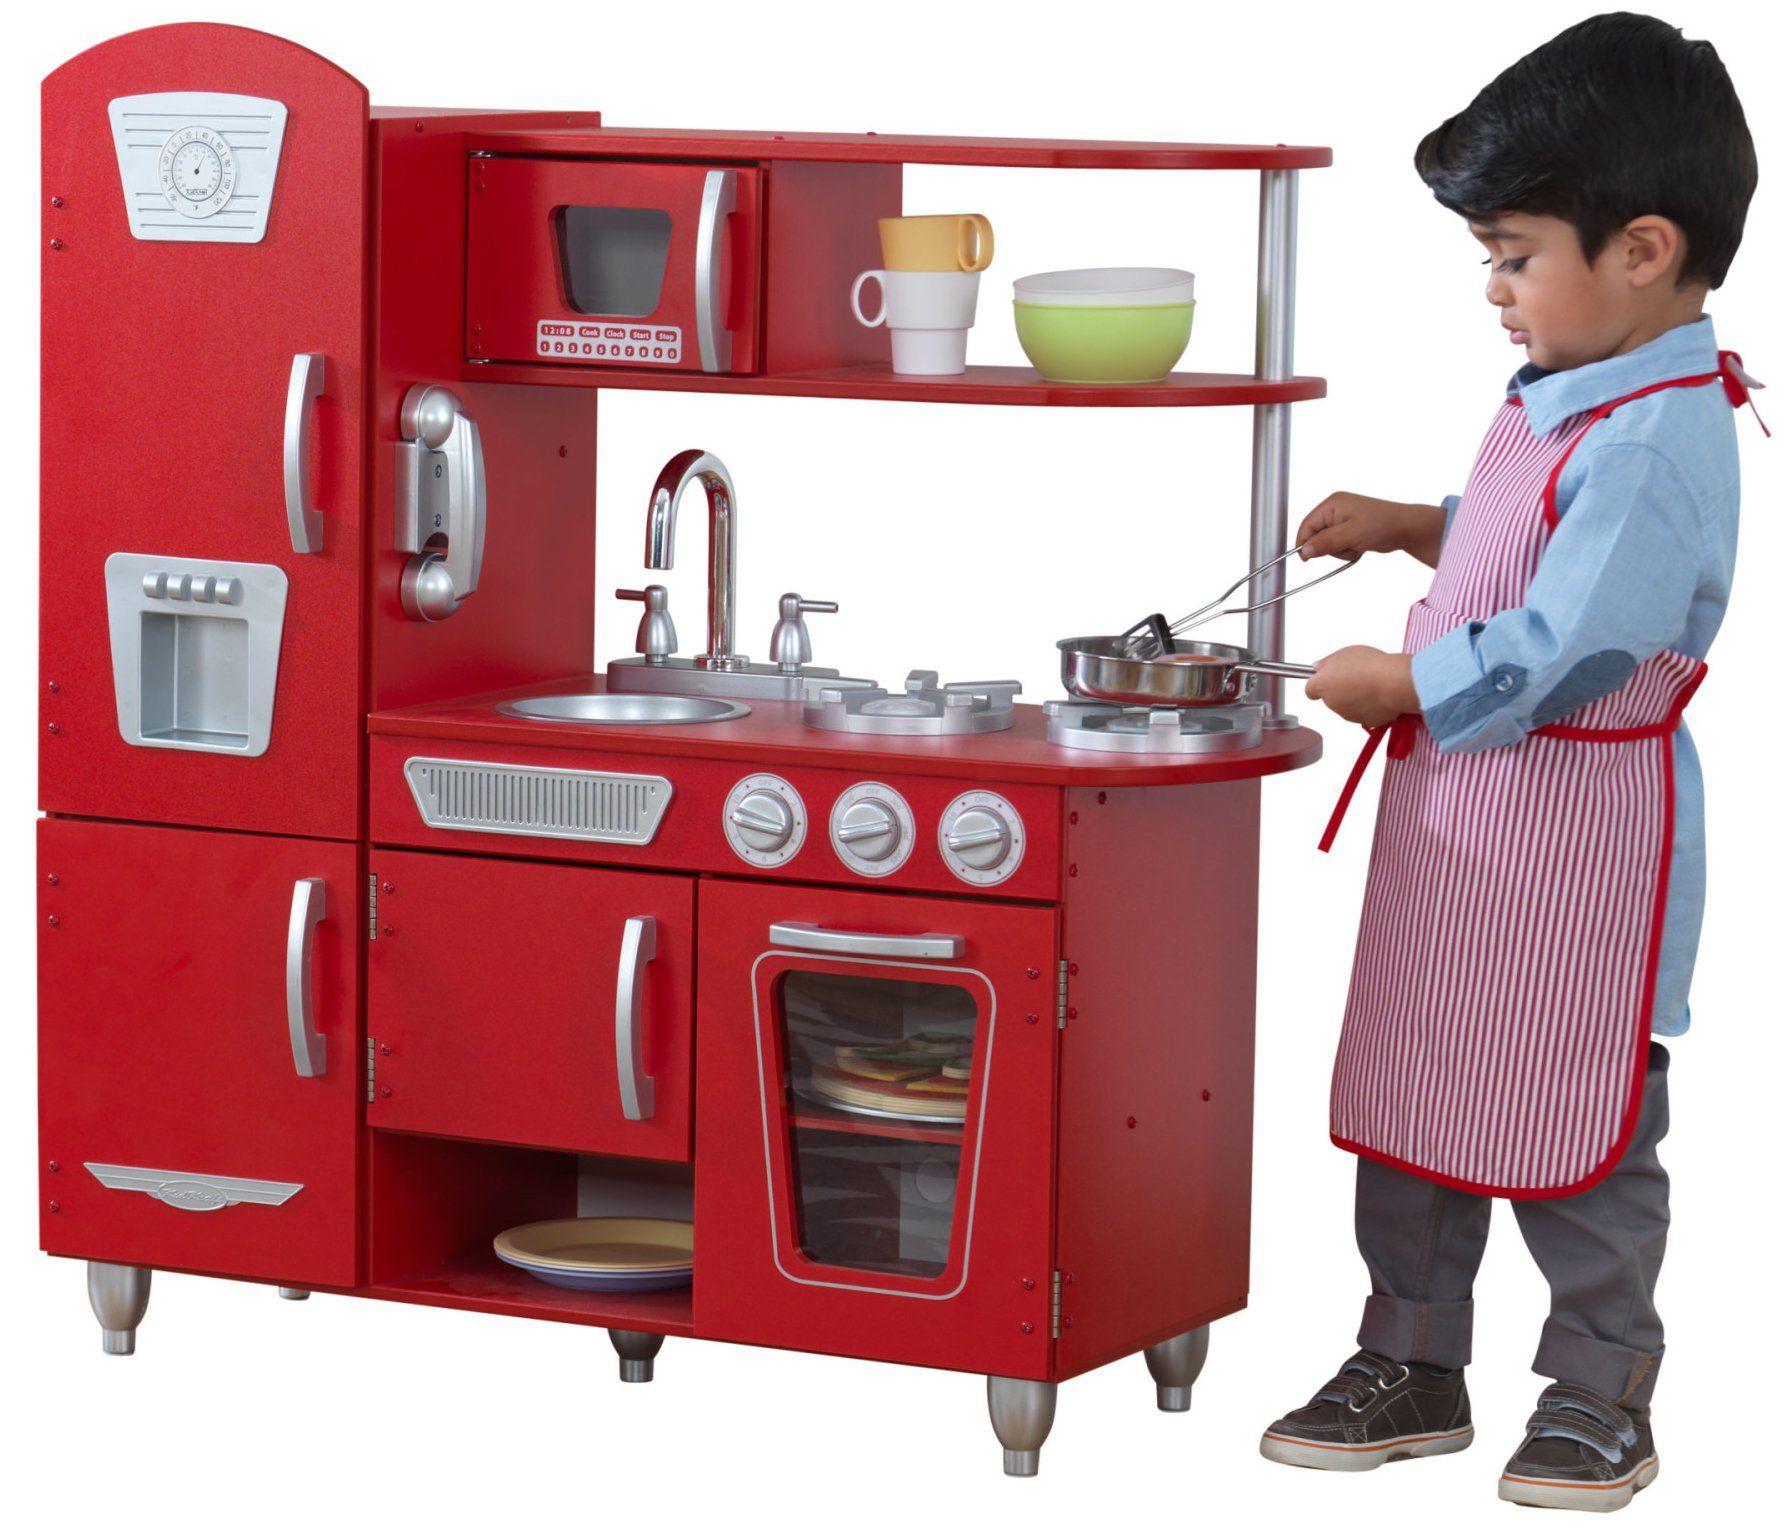 Duza Drewniana Kuchnia Dla Dzieci Kidkraft Vintage Czerwona Brykacze Pl Internetowy Sklep Z Zabawkami Dla Dzieci Play Kitchen Wooden Play Kitchen Childrens Play Kitchen